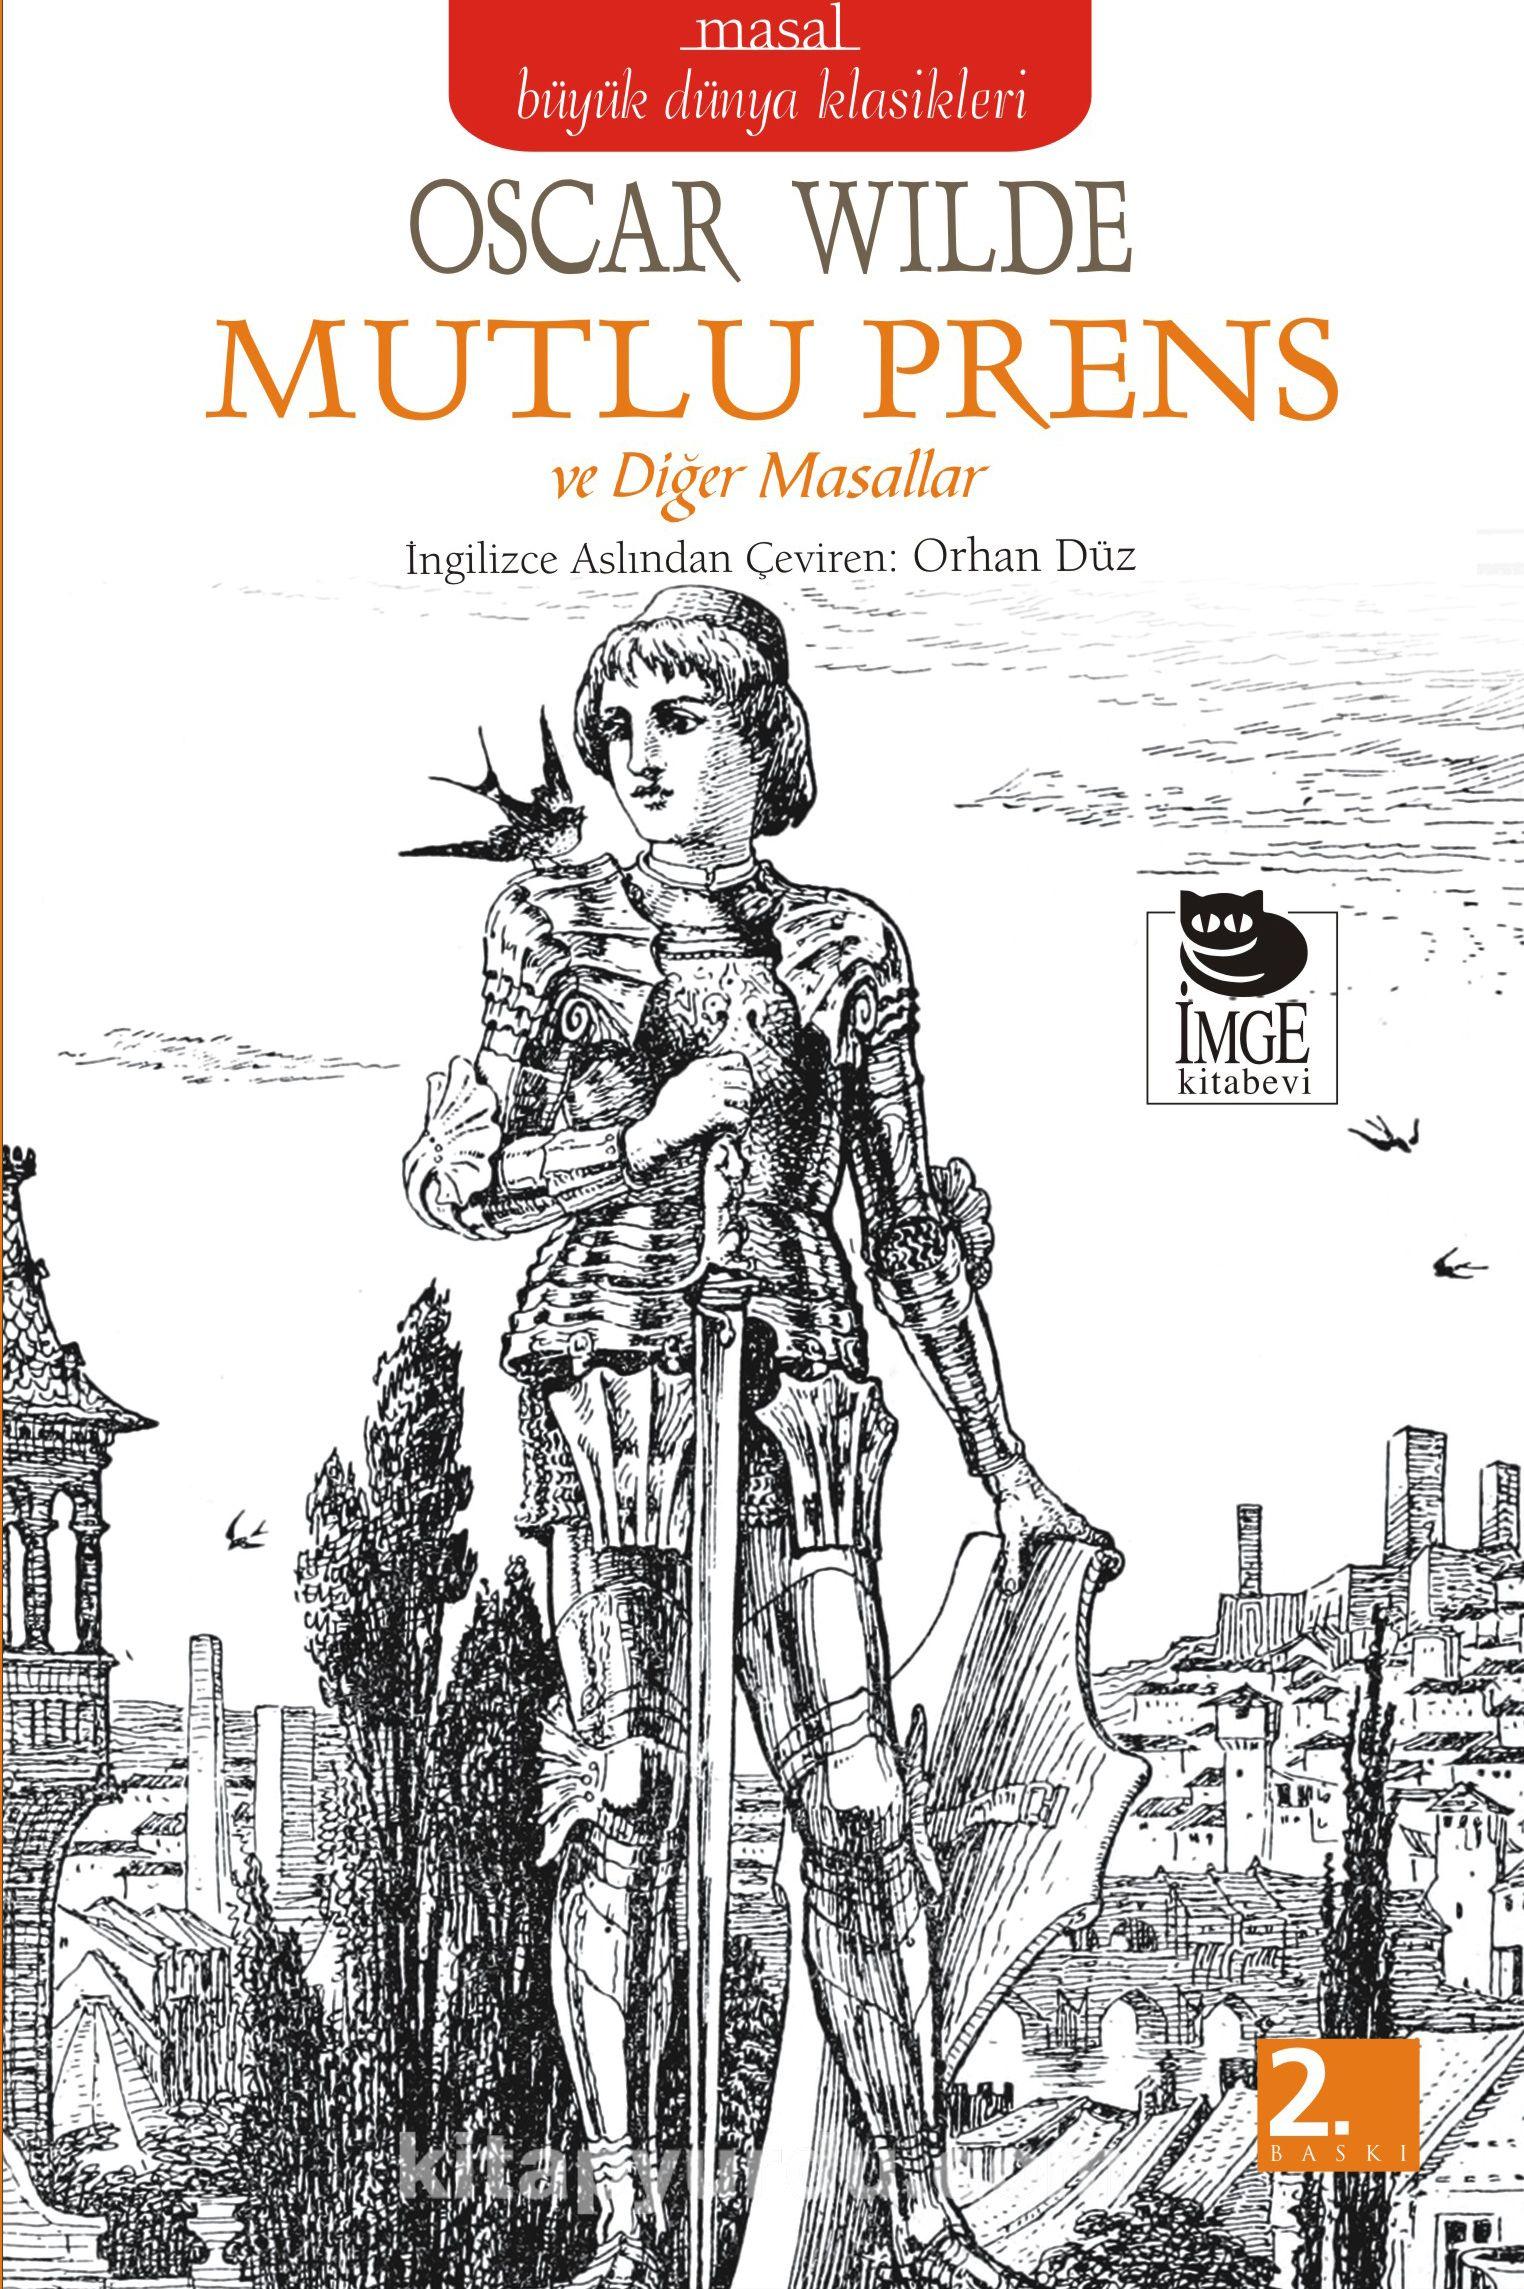 Mutlu Prens ve Diğer Masallar - Oscar Wilde pdf epub